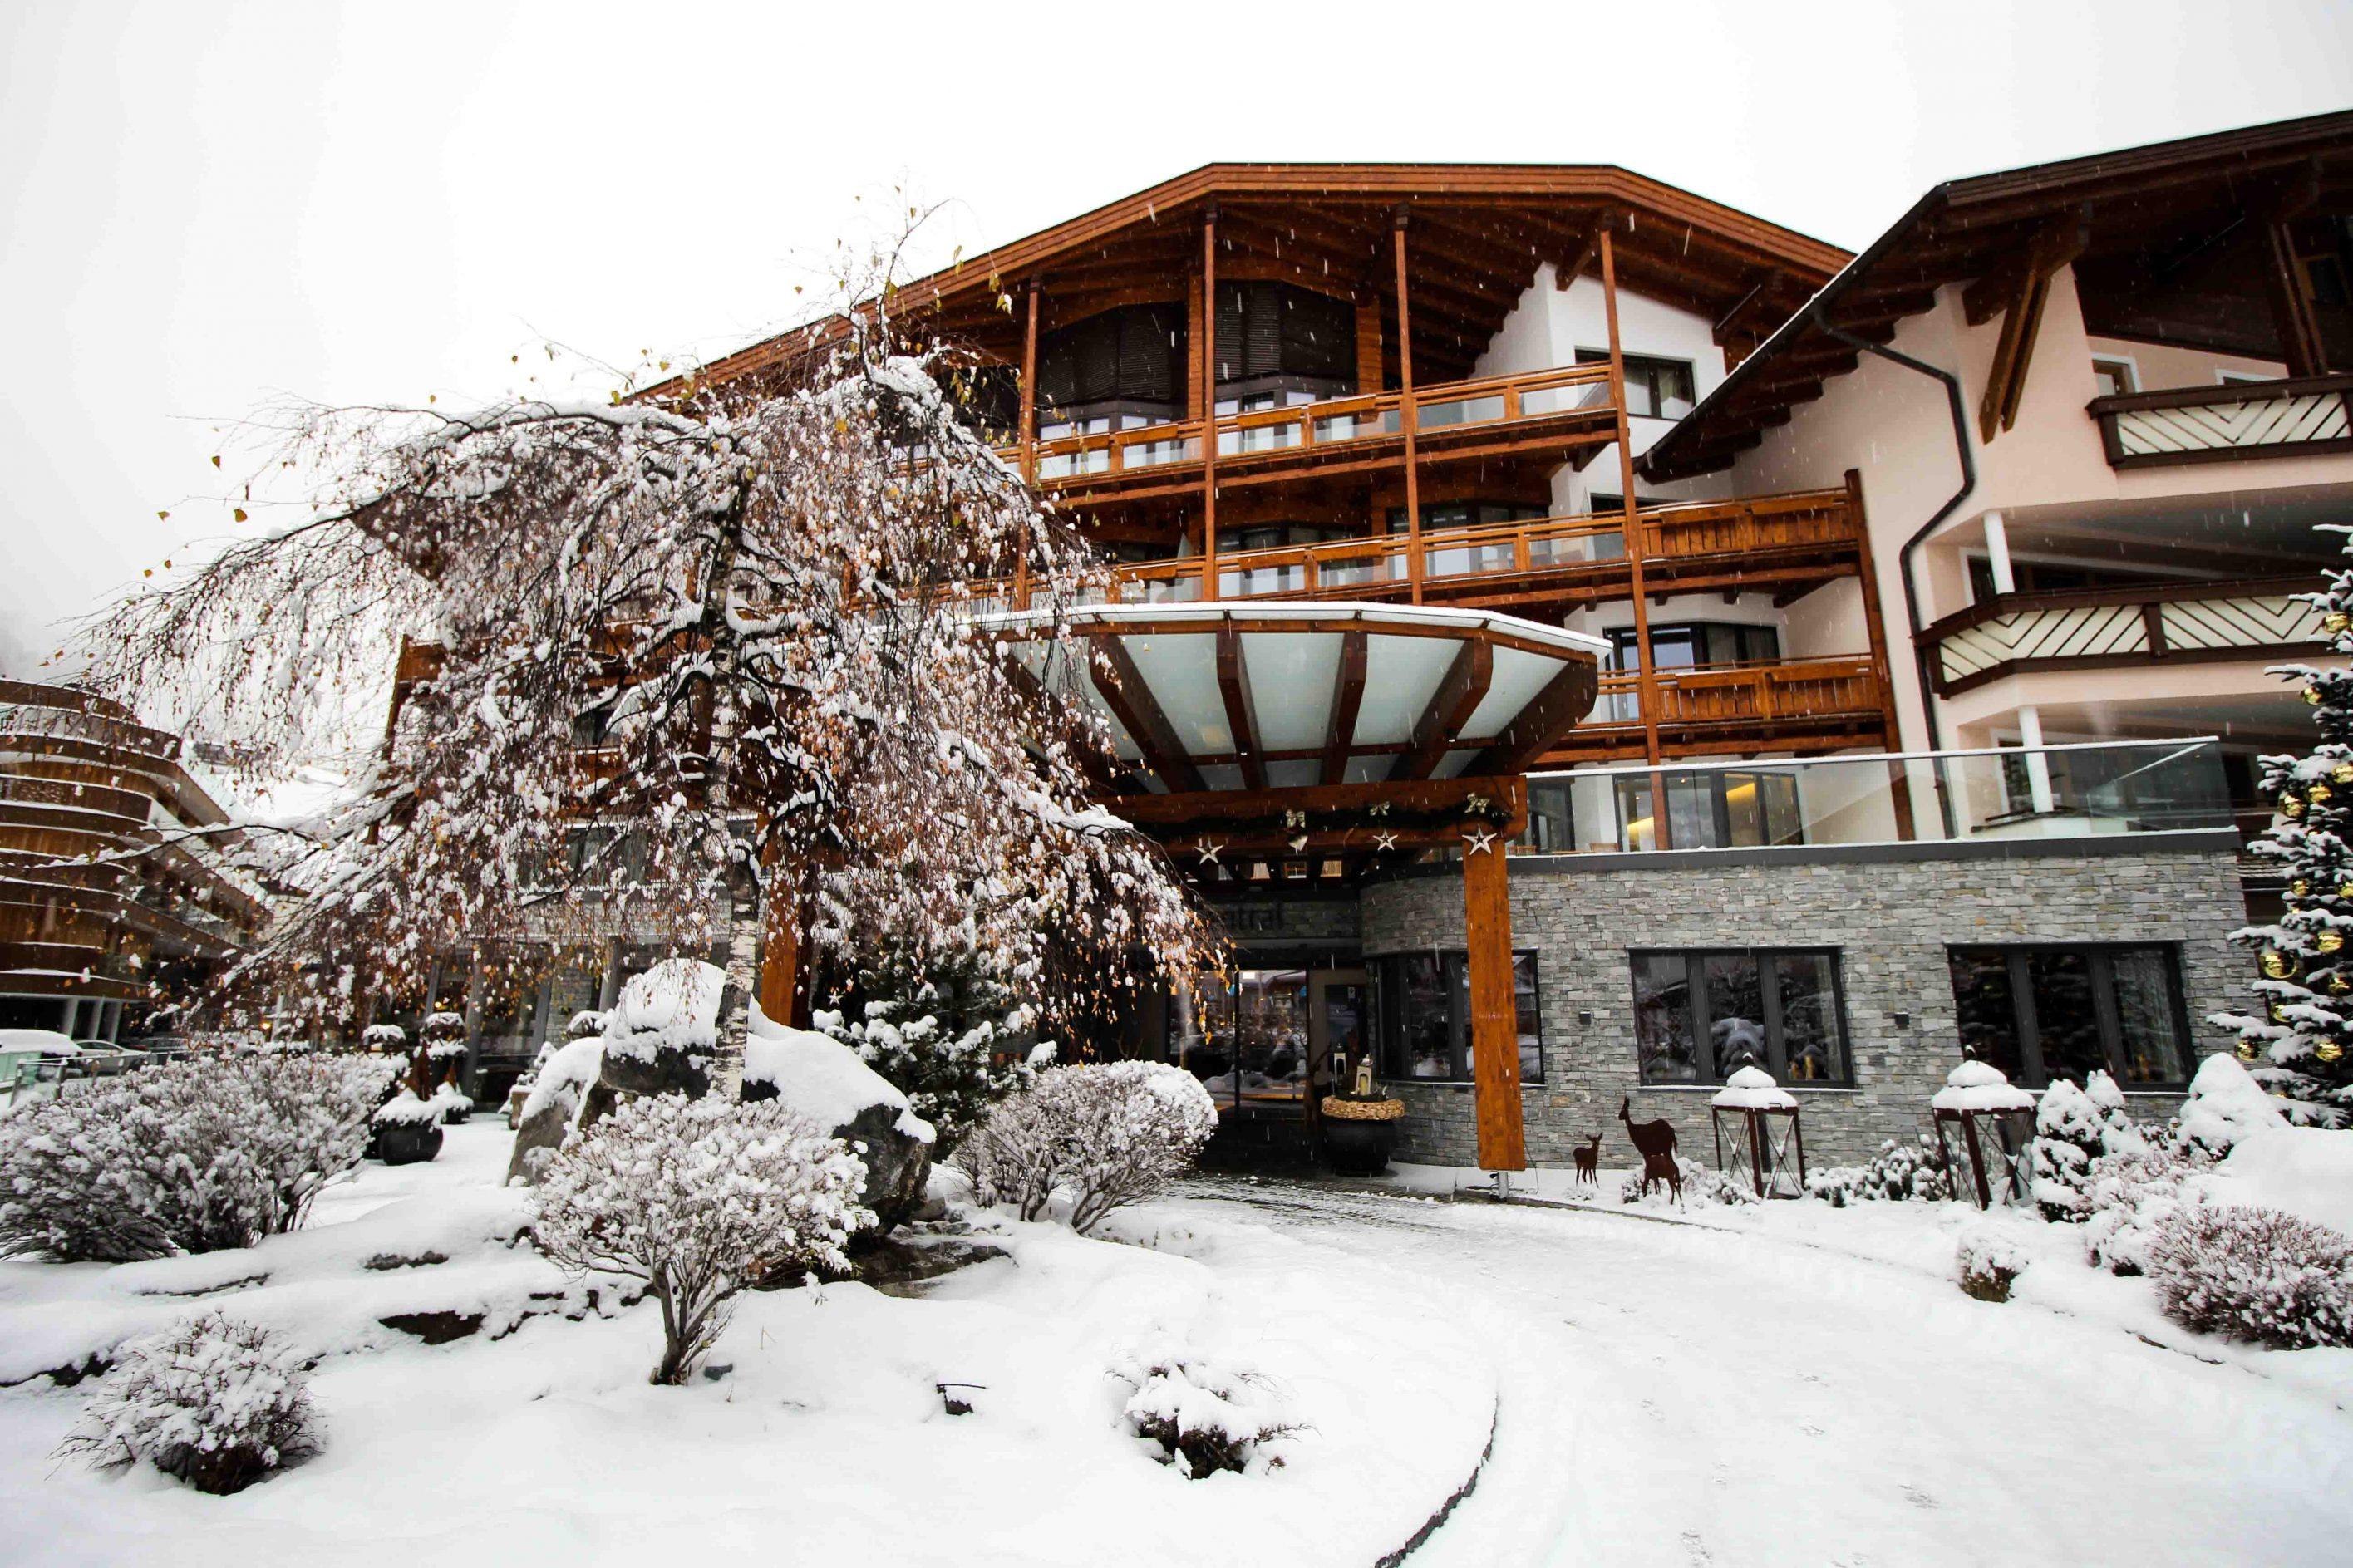 Winterurlaub Das Central Sölden 5-Sterne Wellnesshotel Luxushotel Sölden Tirol Österreich Schneelandschaft Reiseblog